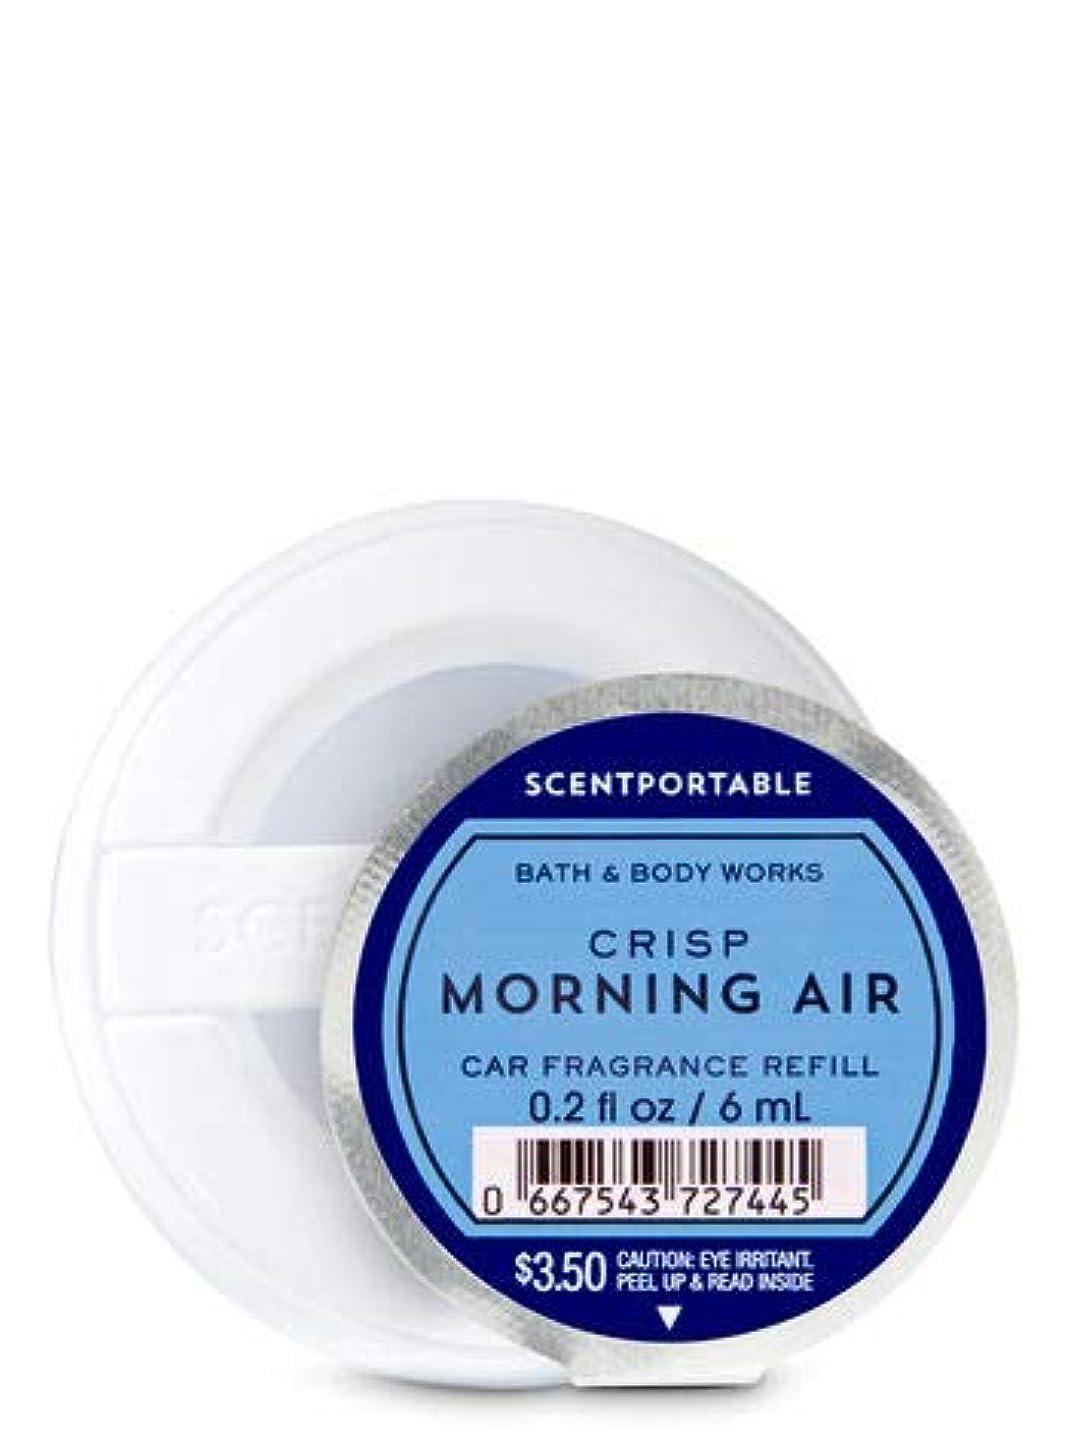 ライドおもちゃキャップ【Bath&Body Works/バス&ボディワークス】 クリップ式芳香剤 セントポータブル詰替えリフィル クリスプモーニングエアー Scentportable Fragrance Refill Crisp Morning Air [並行輸入品]